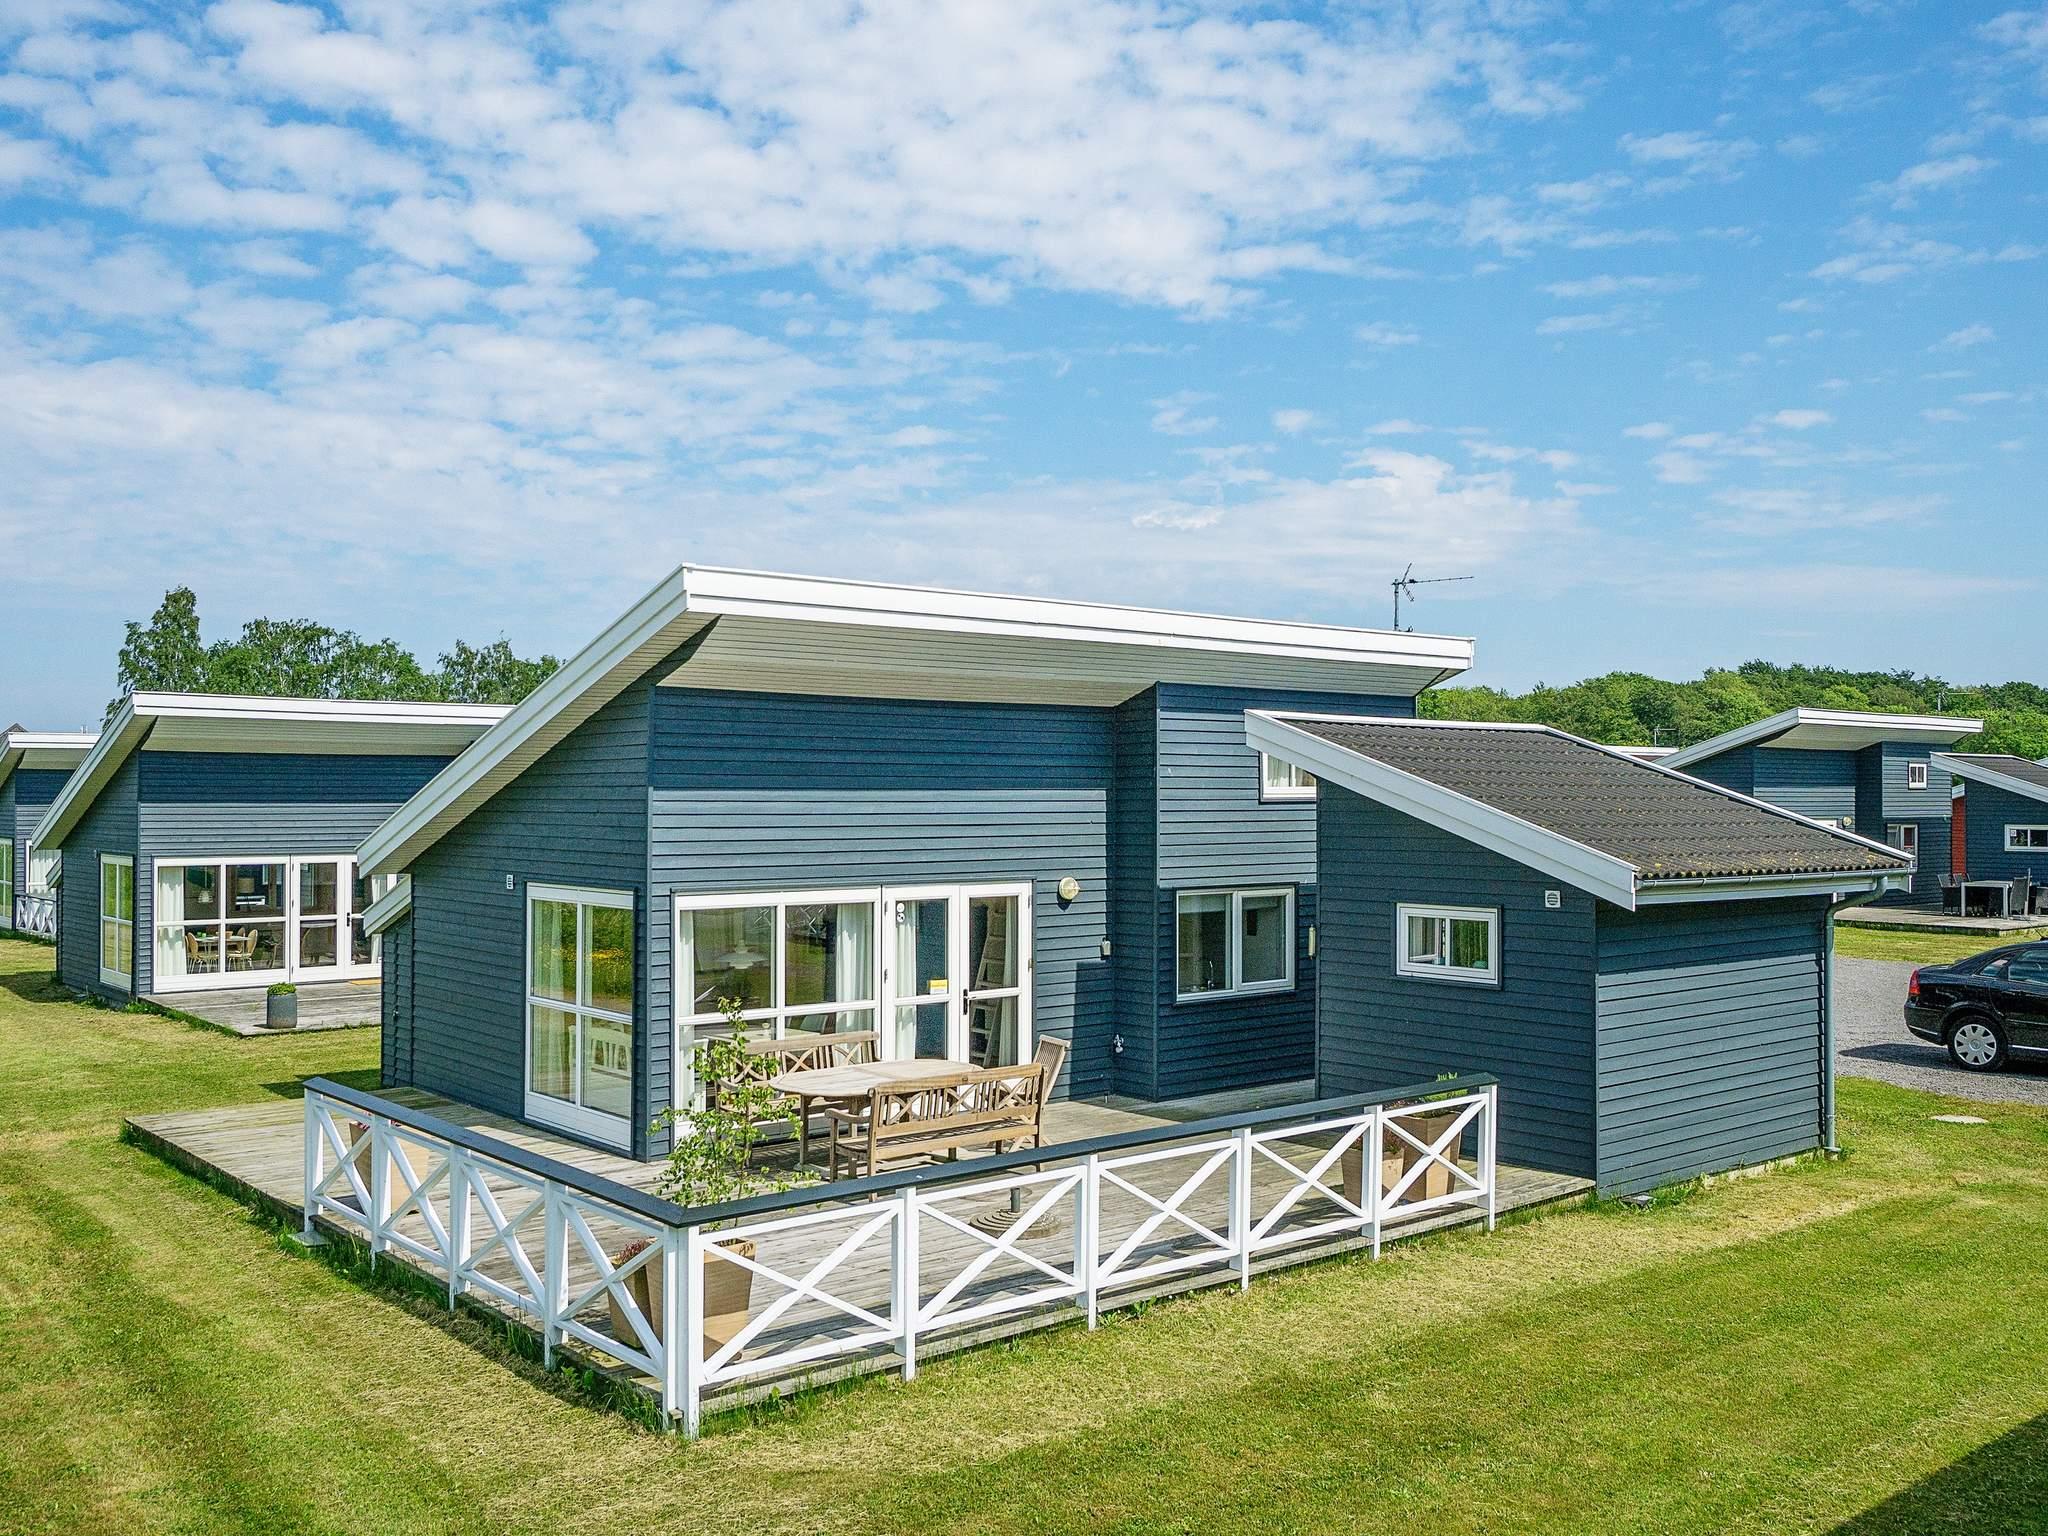 Ferienhaus Rø/Gudhjem (251665), Gudhjem, , Bornholm, Dänemark, Bild 1